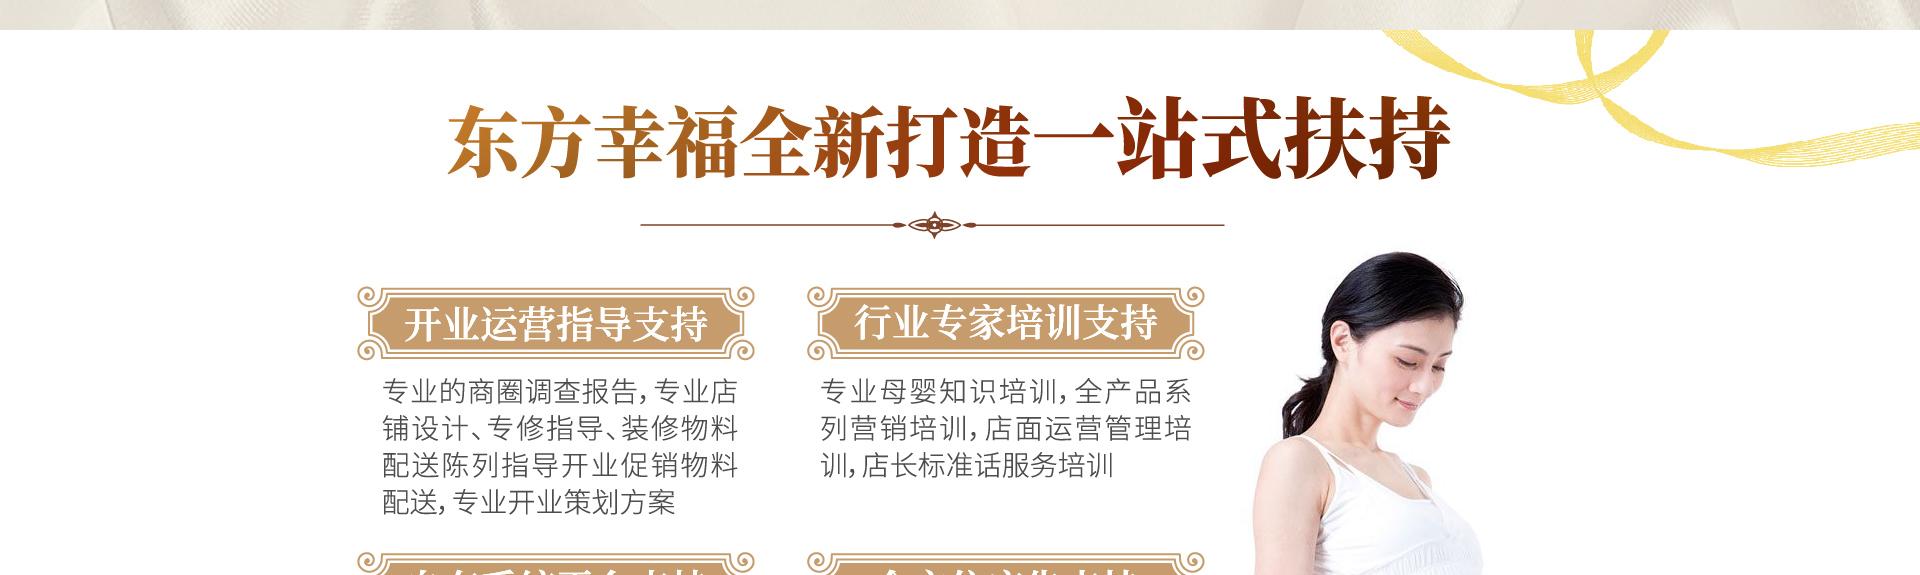 东方幸福月子会所PC_19